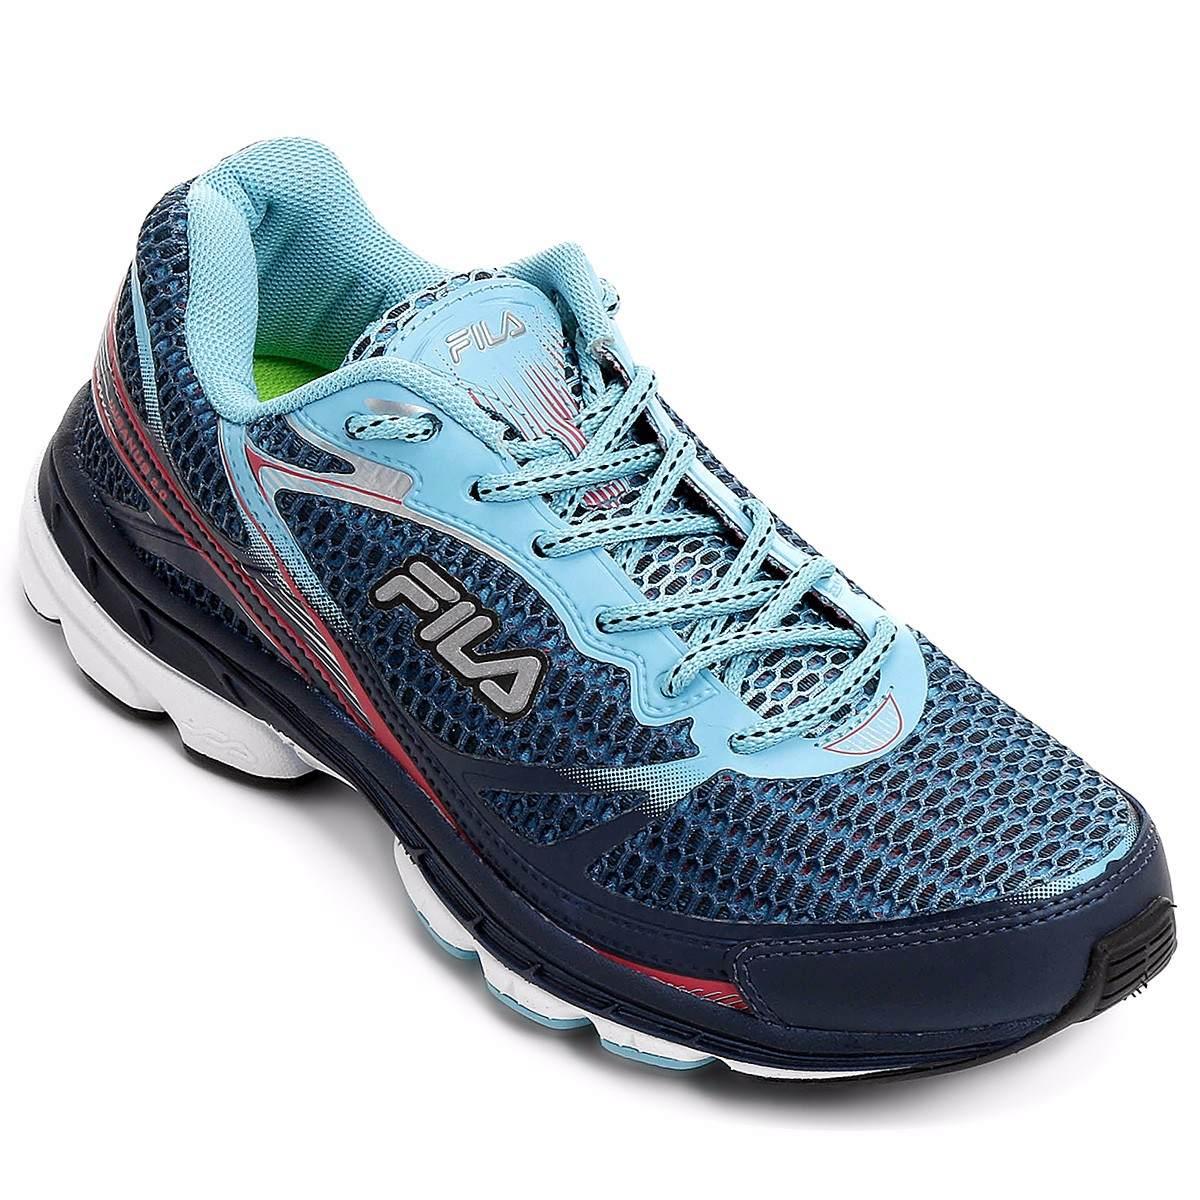 c8735ab5dfc tênis fila insanus 2.0 azul marinho masculino - 09425. Carregando zoom.